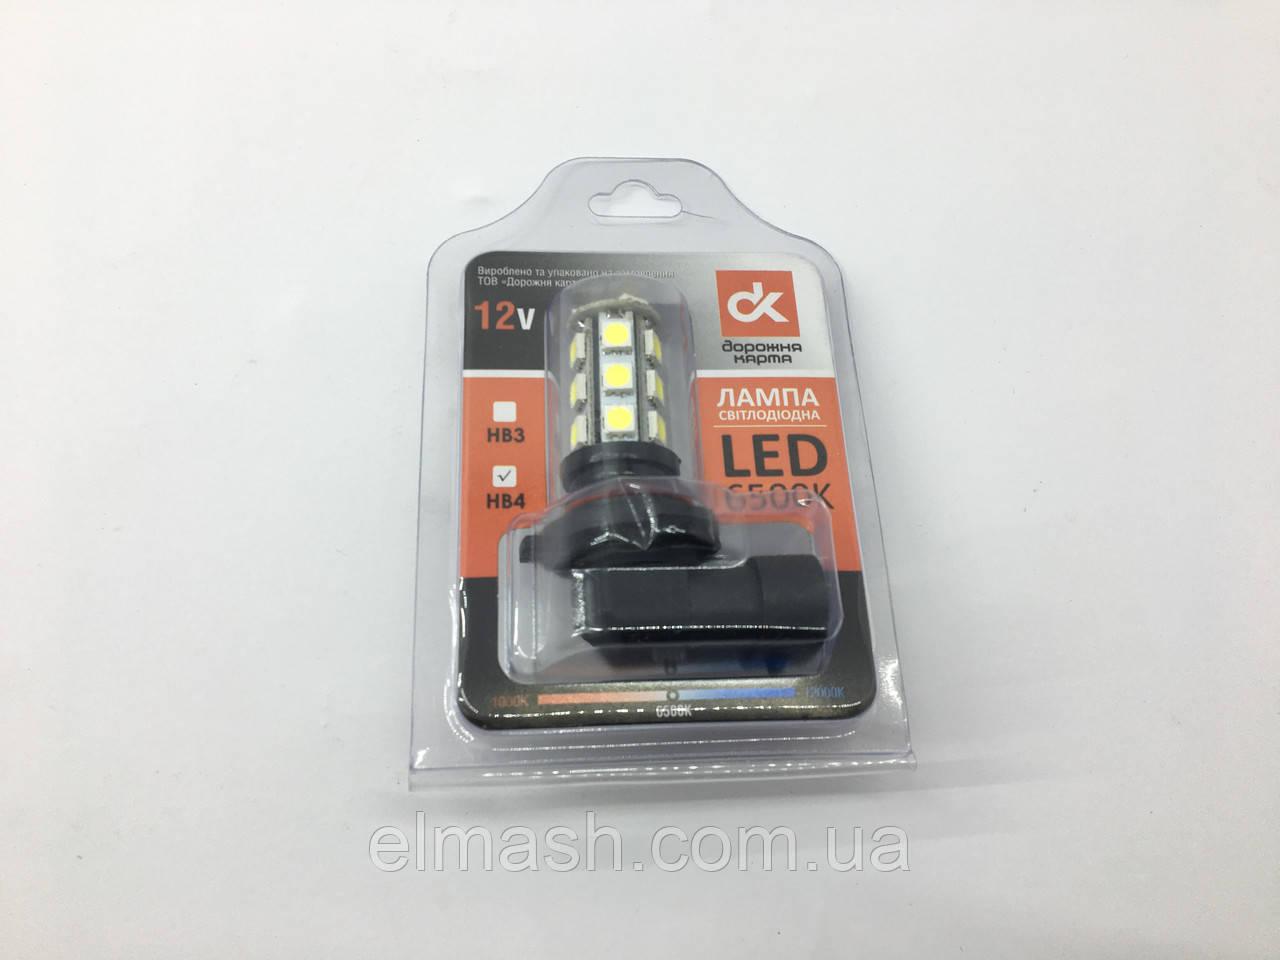 Лампа светодидная LED HB3 12V